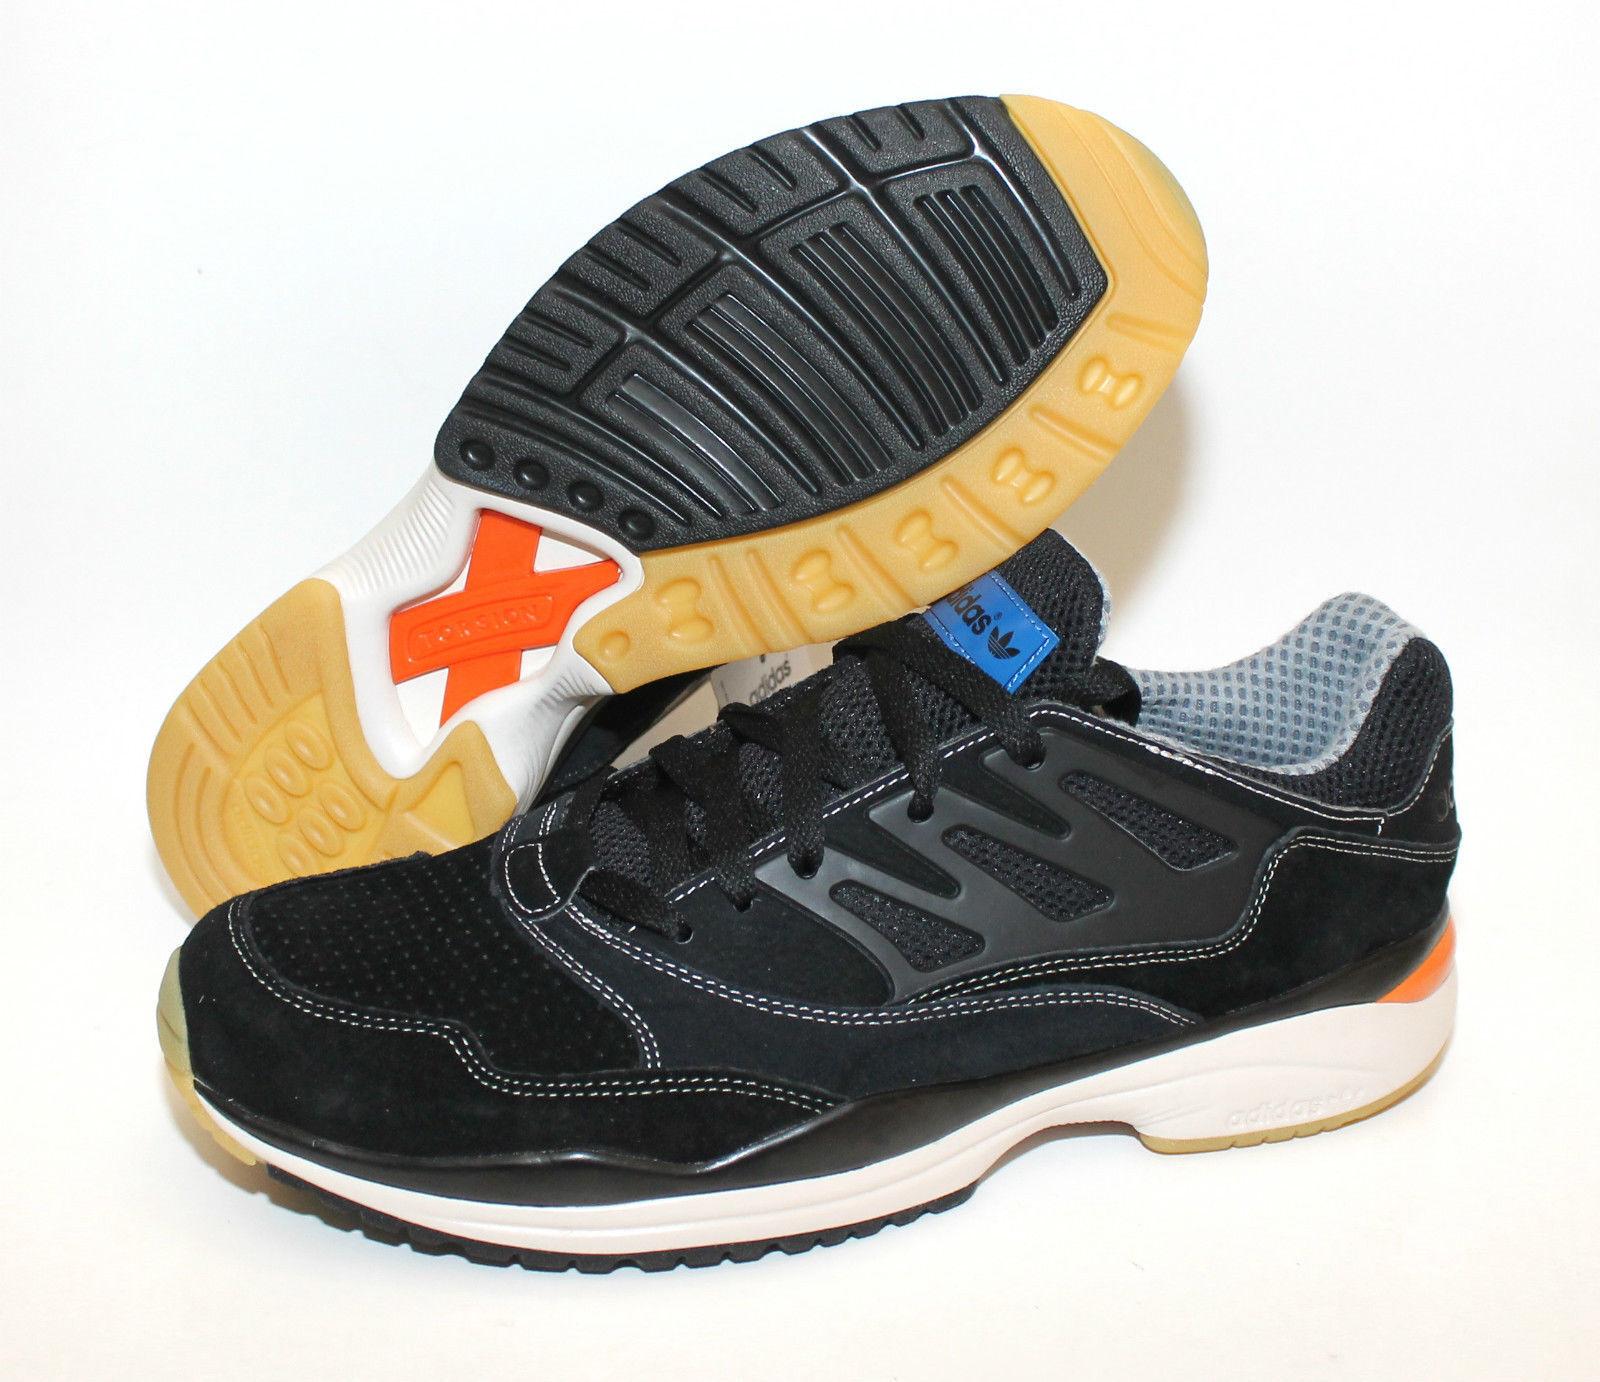 Adidas Originals Men's Torsion ALLEGRA